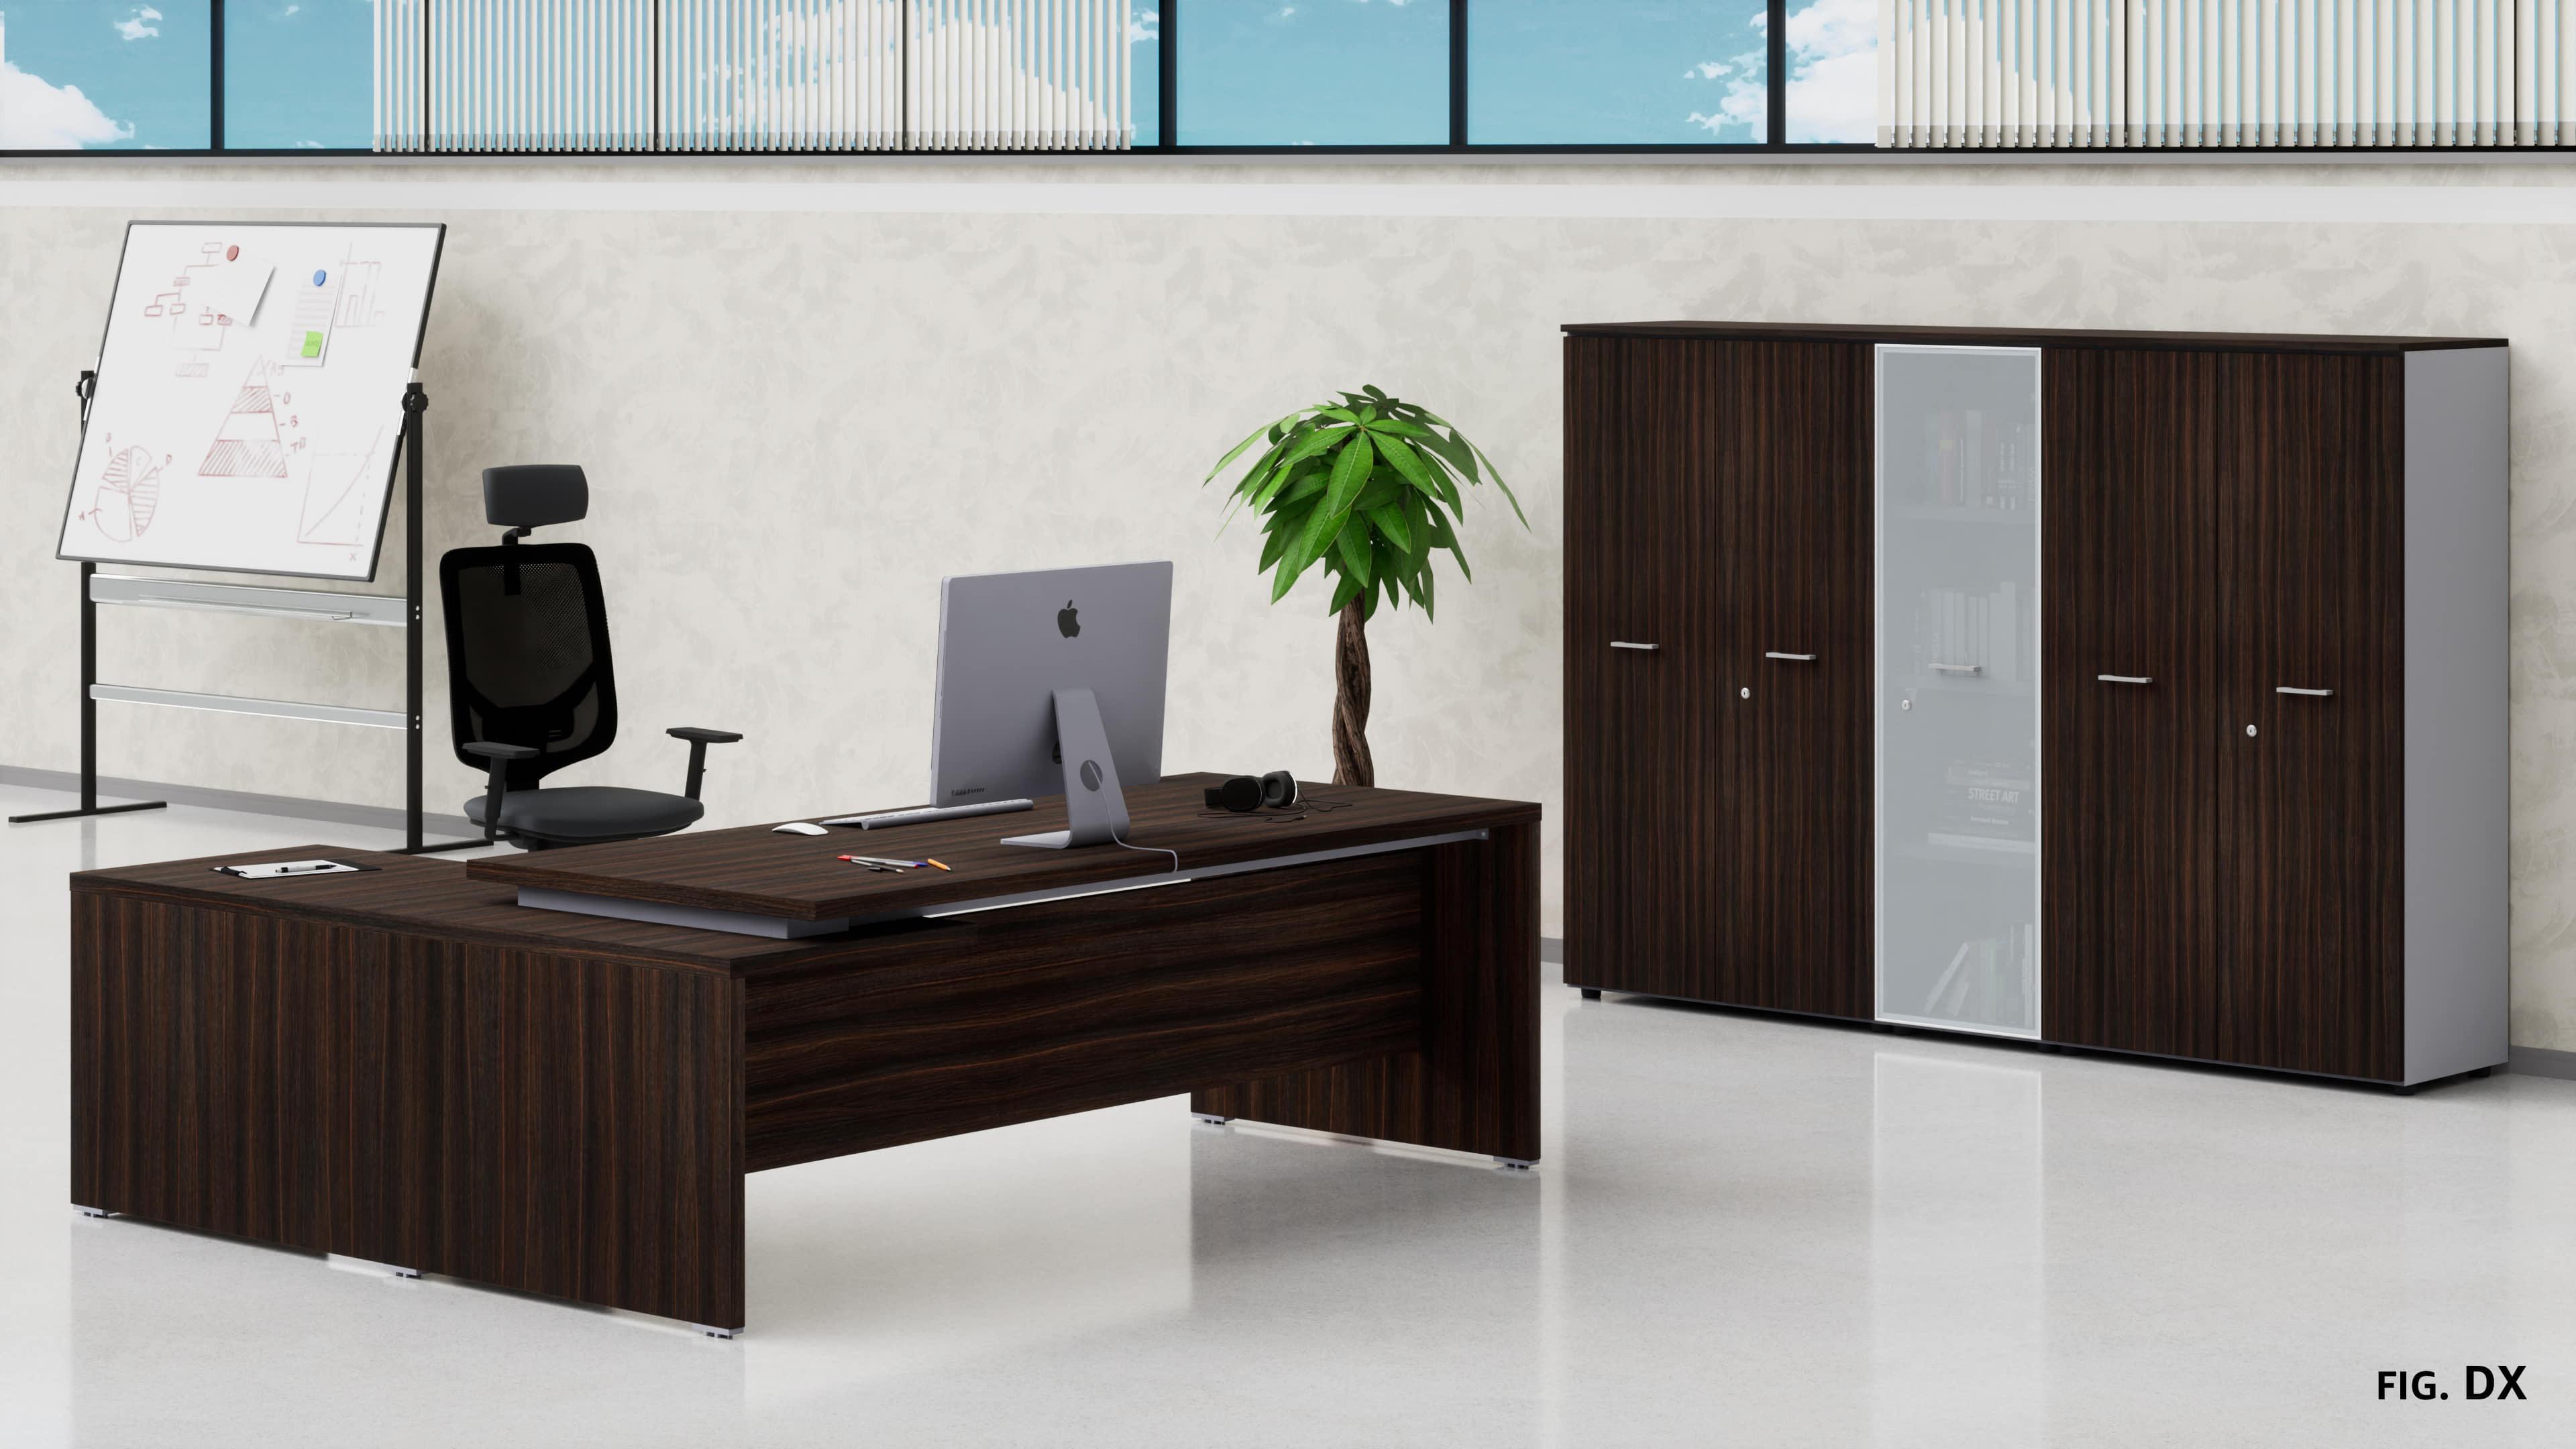 Uffici direzionali BETA scrivania con allungo ribassato, cassettiera e contenitori universali medi